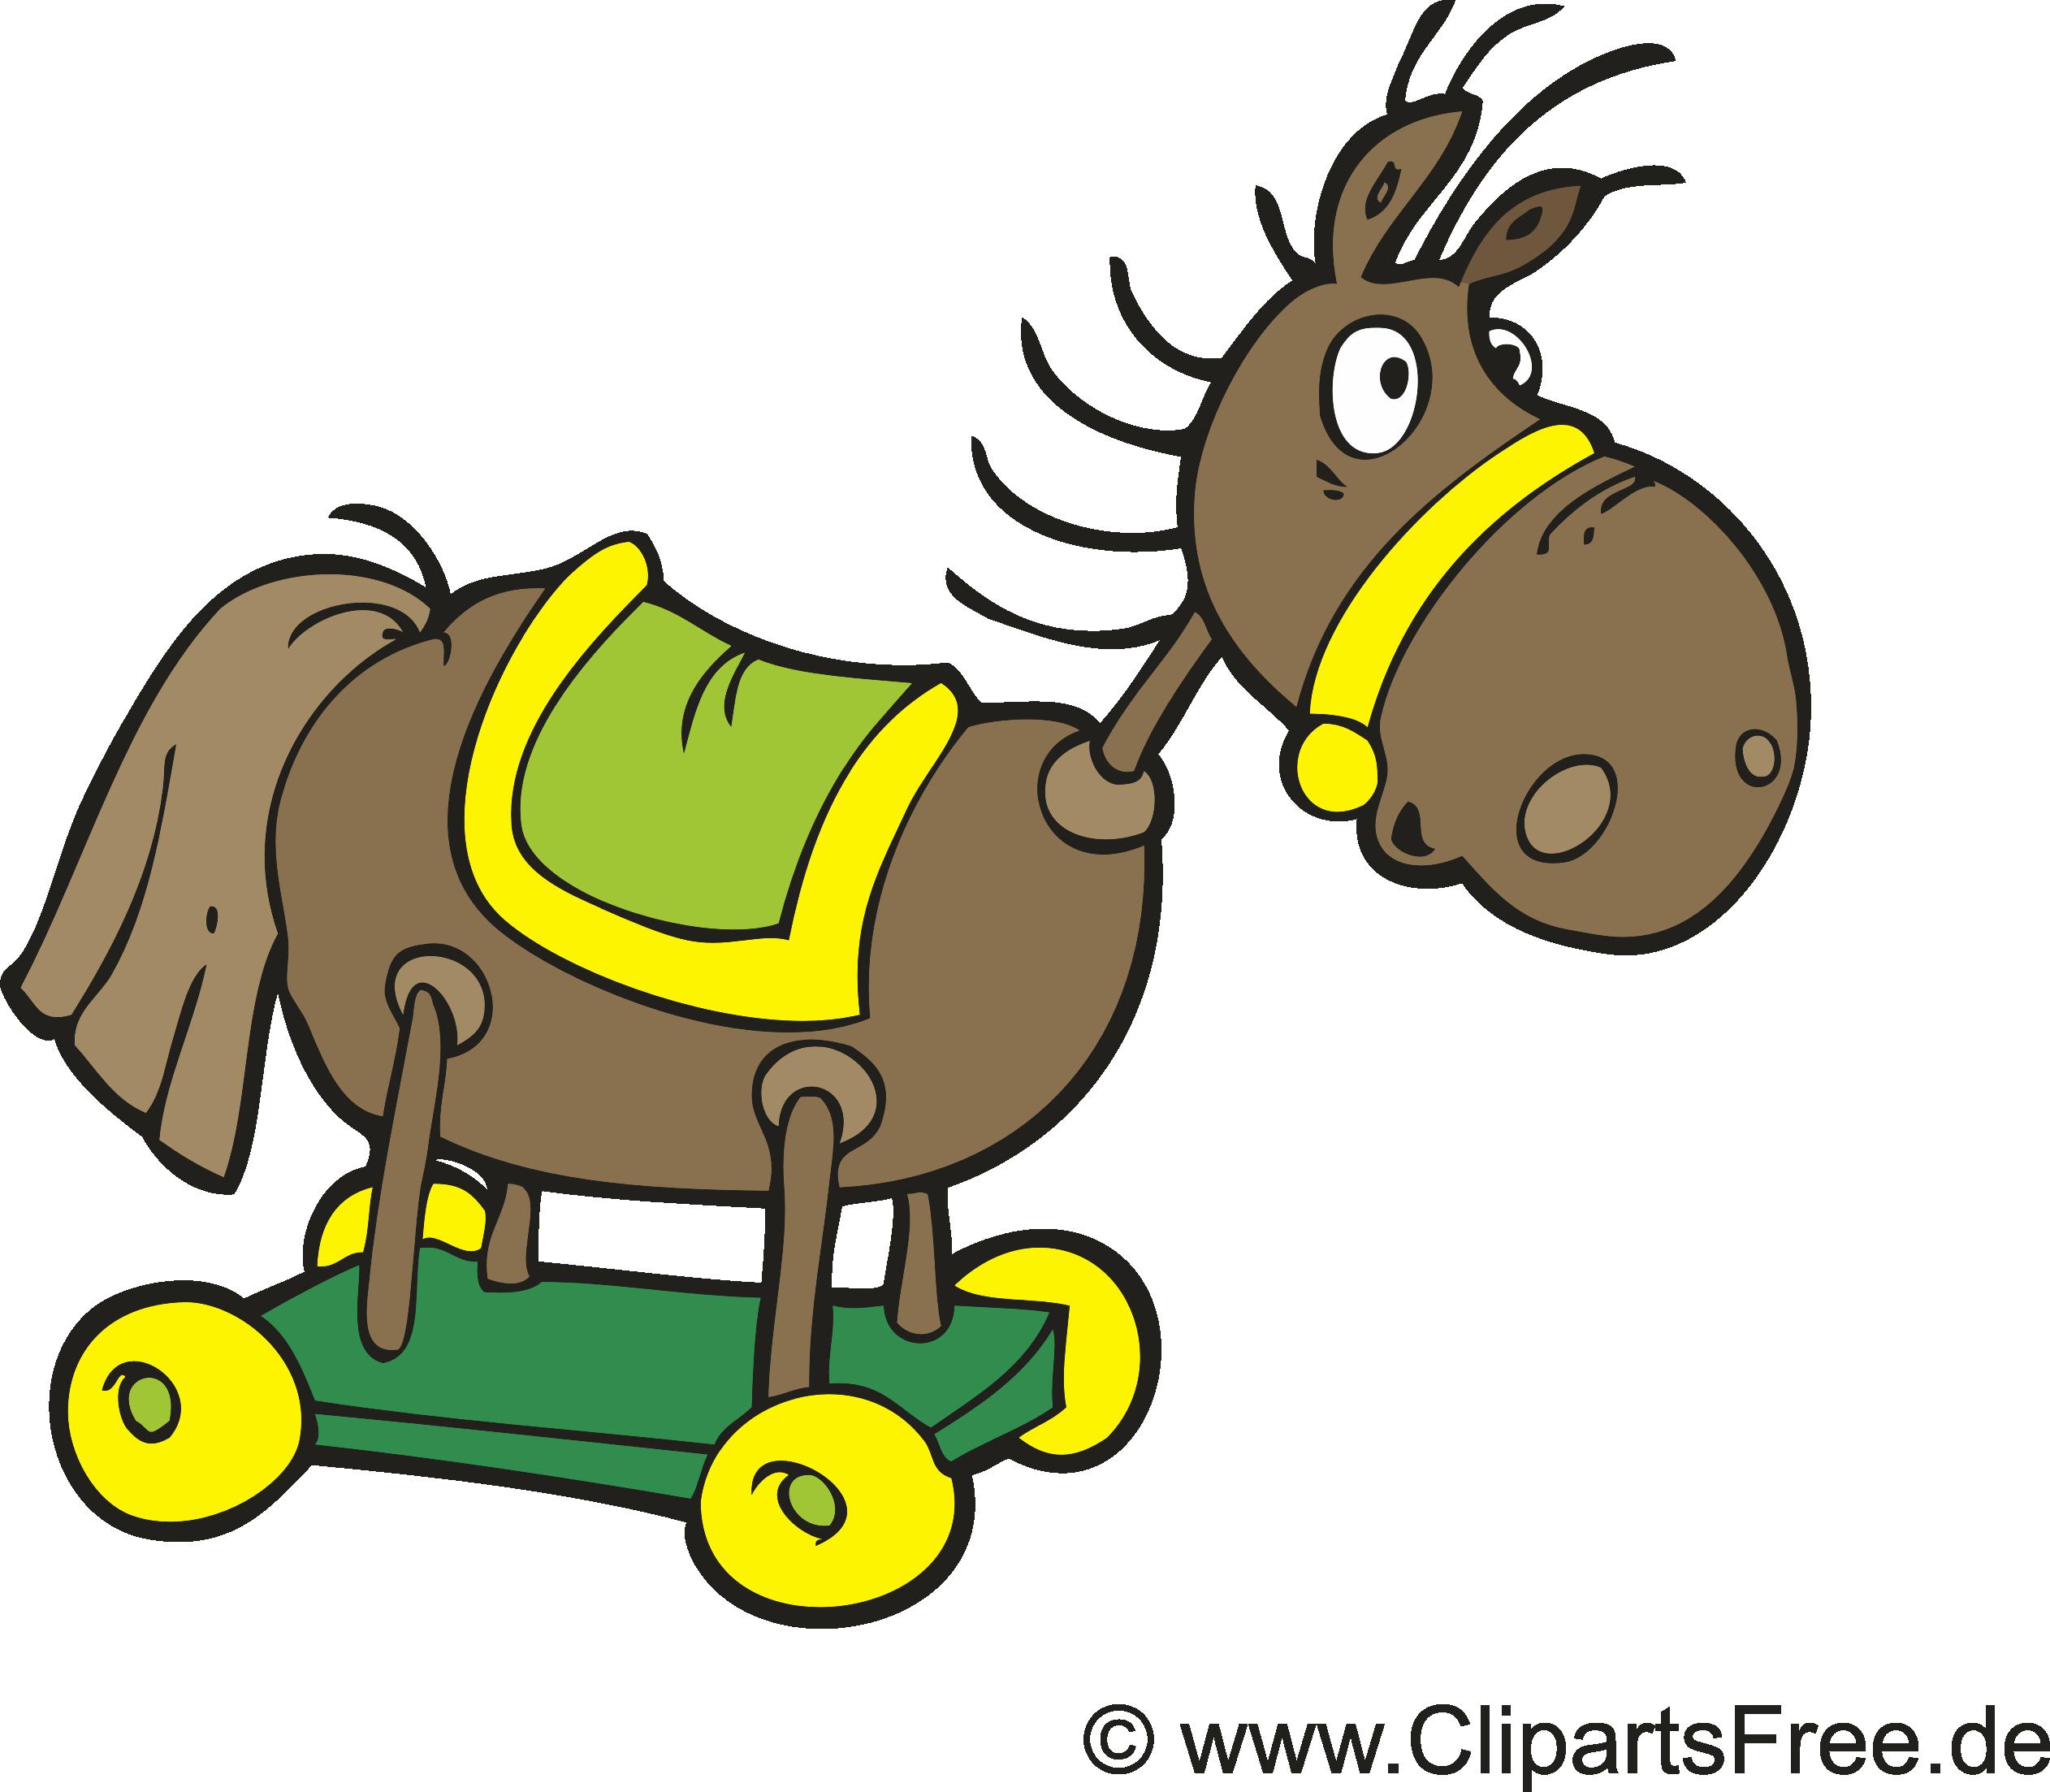 Cheval en bois images gratuites – Ferme clipart